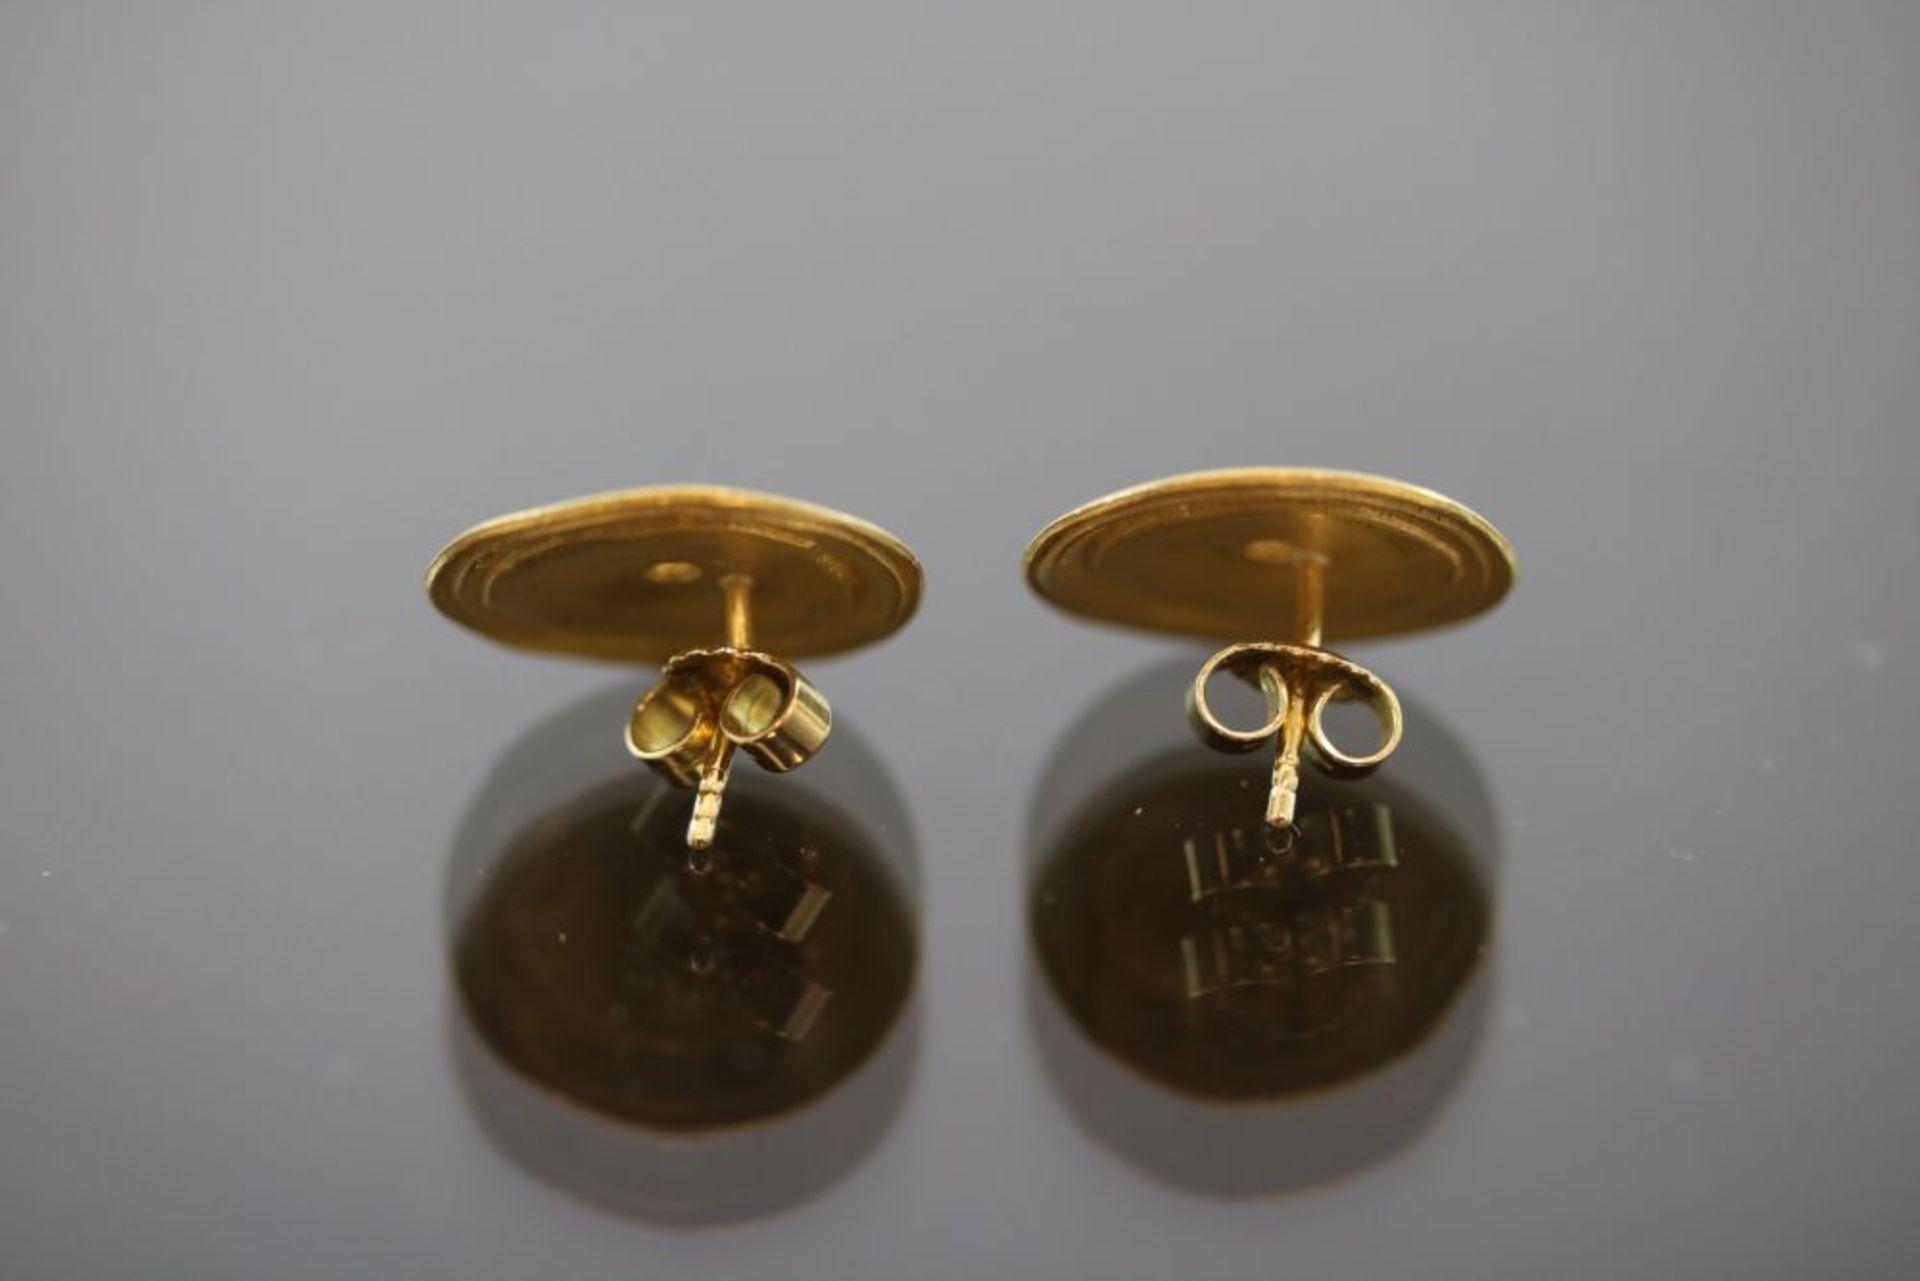 Brillant-Ohrringe, 900 Gold - Bild 2 aus 3